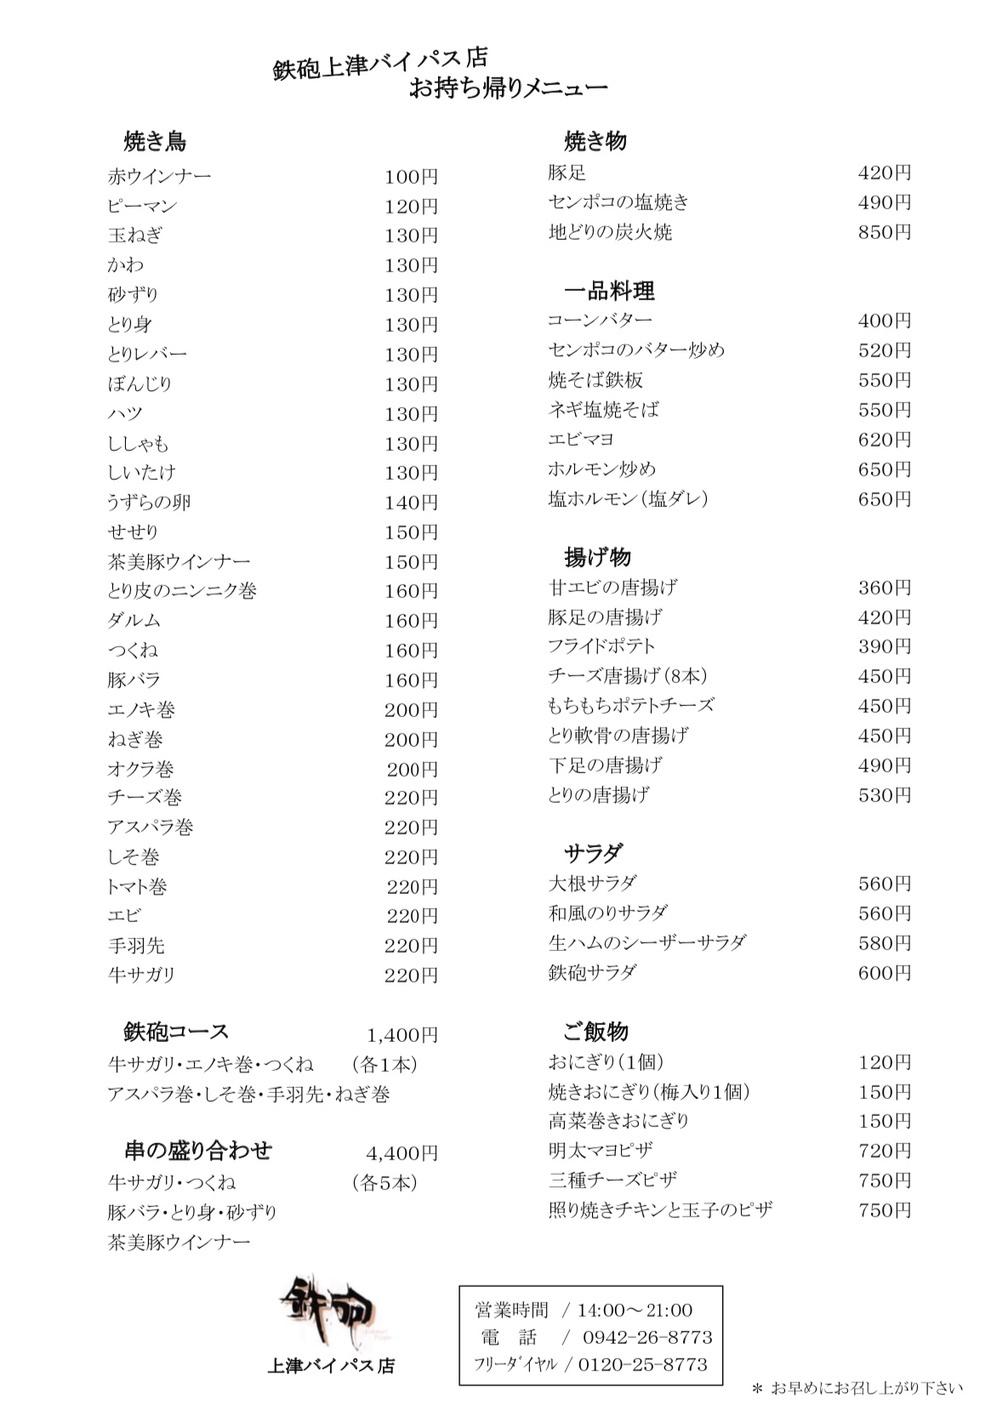 焼とり鉄砲 上津バイパス店【久留米市野伏間1丁目】テイクアウトメニュー表